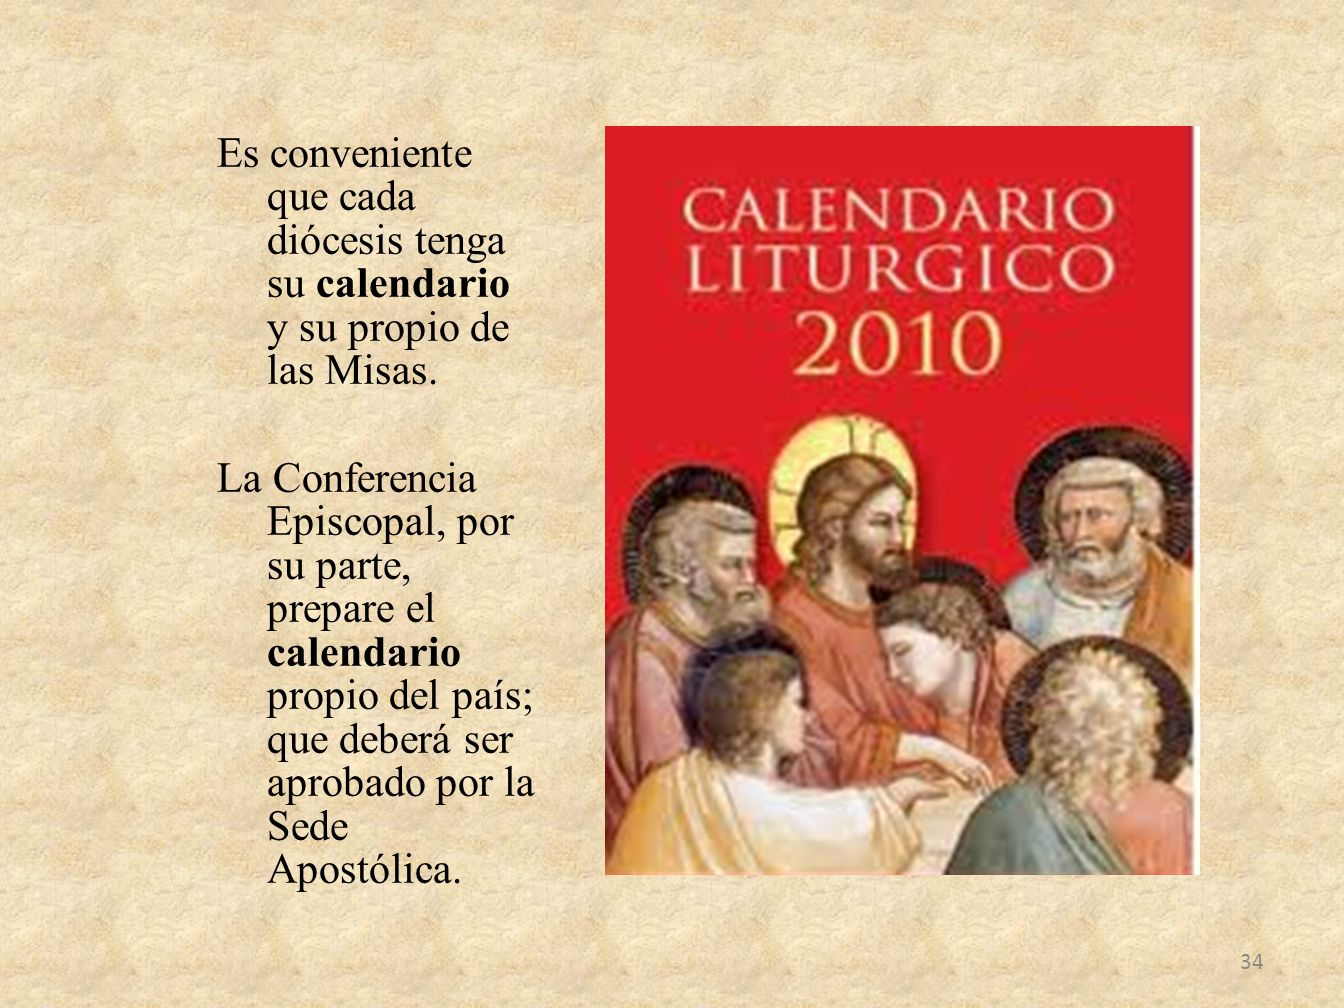 Es conveniente que cada diócesis tenga su calendario y su propio de las Misas. La Conferencia Episcopal, por su parte, prepare el calendario propio de